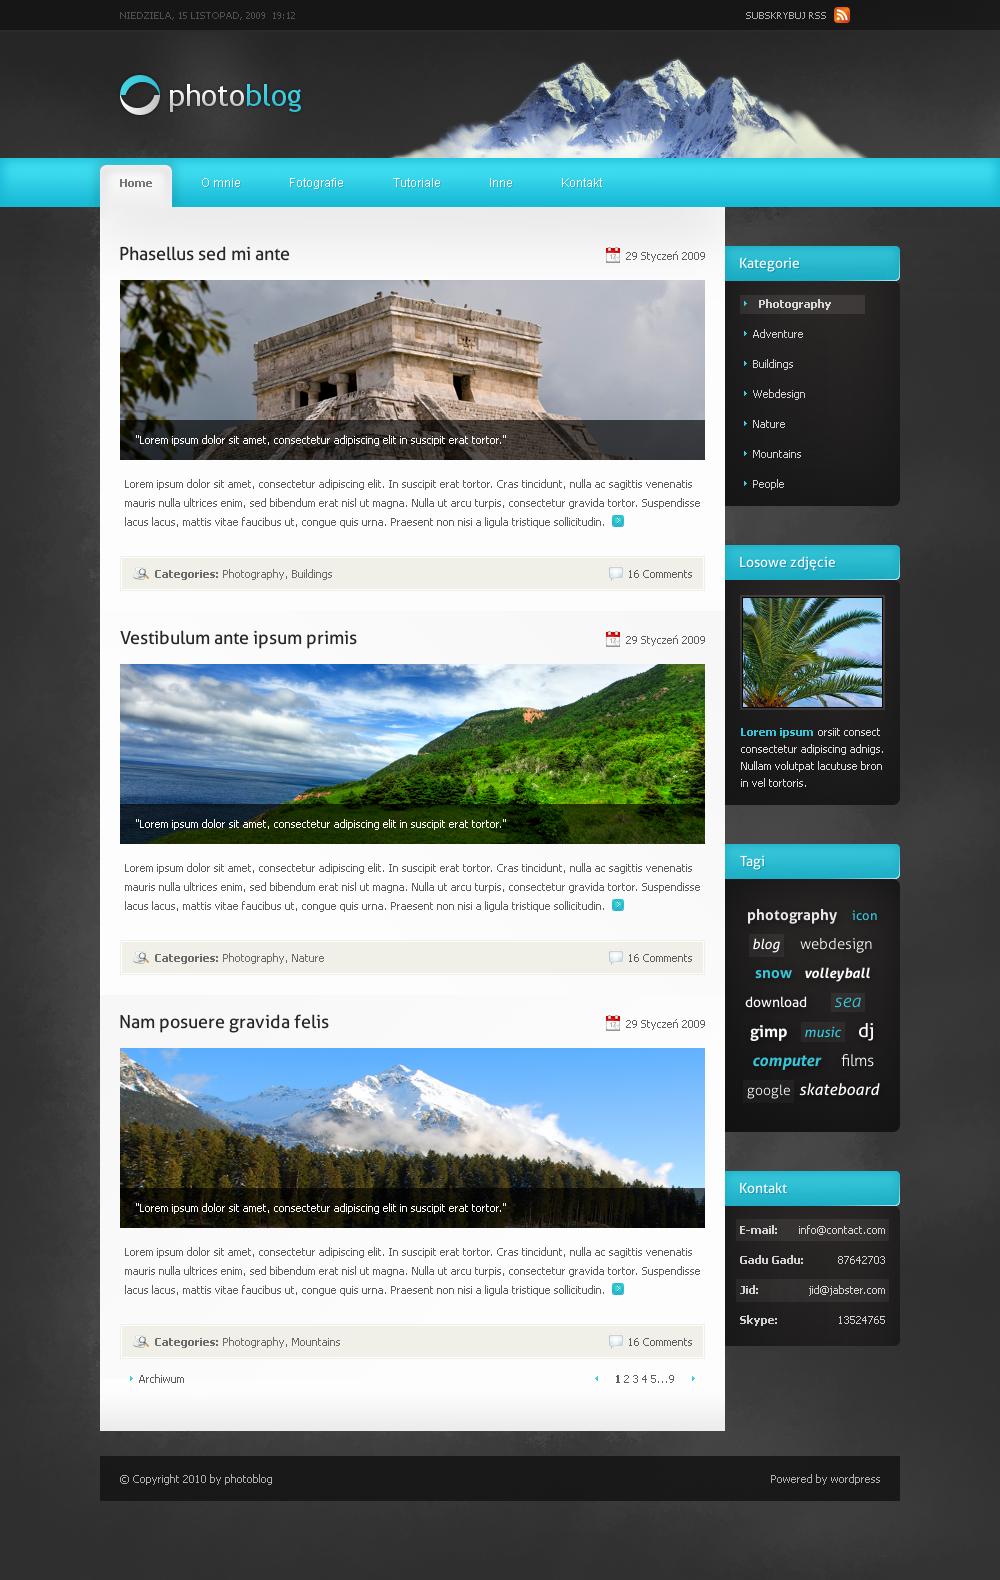 Photoblog layout